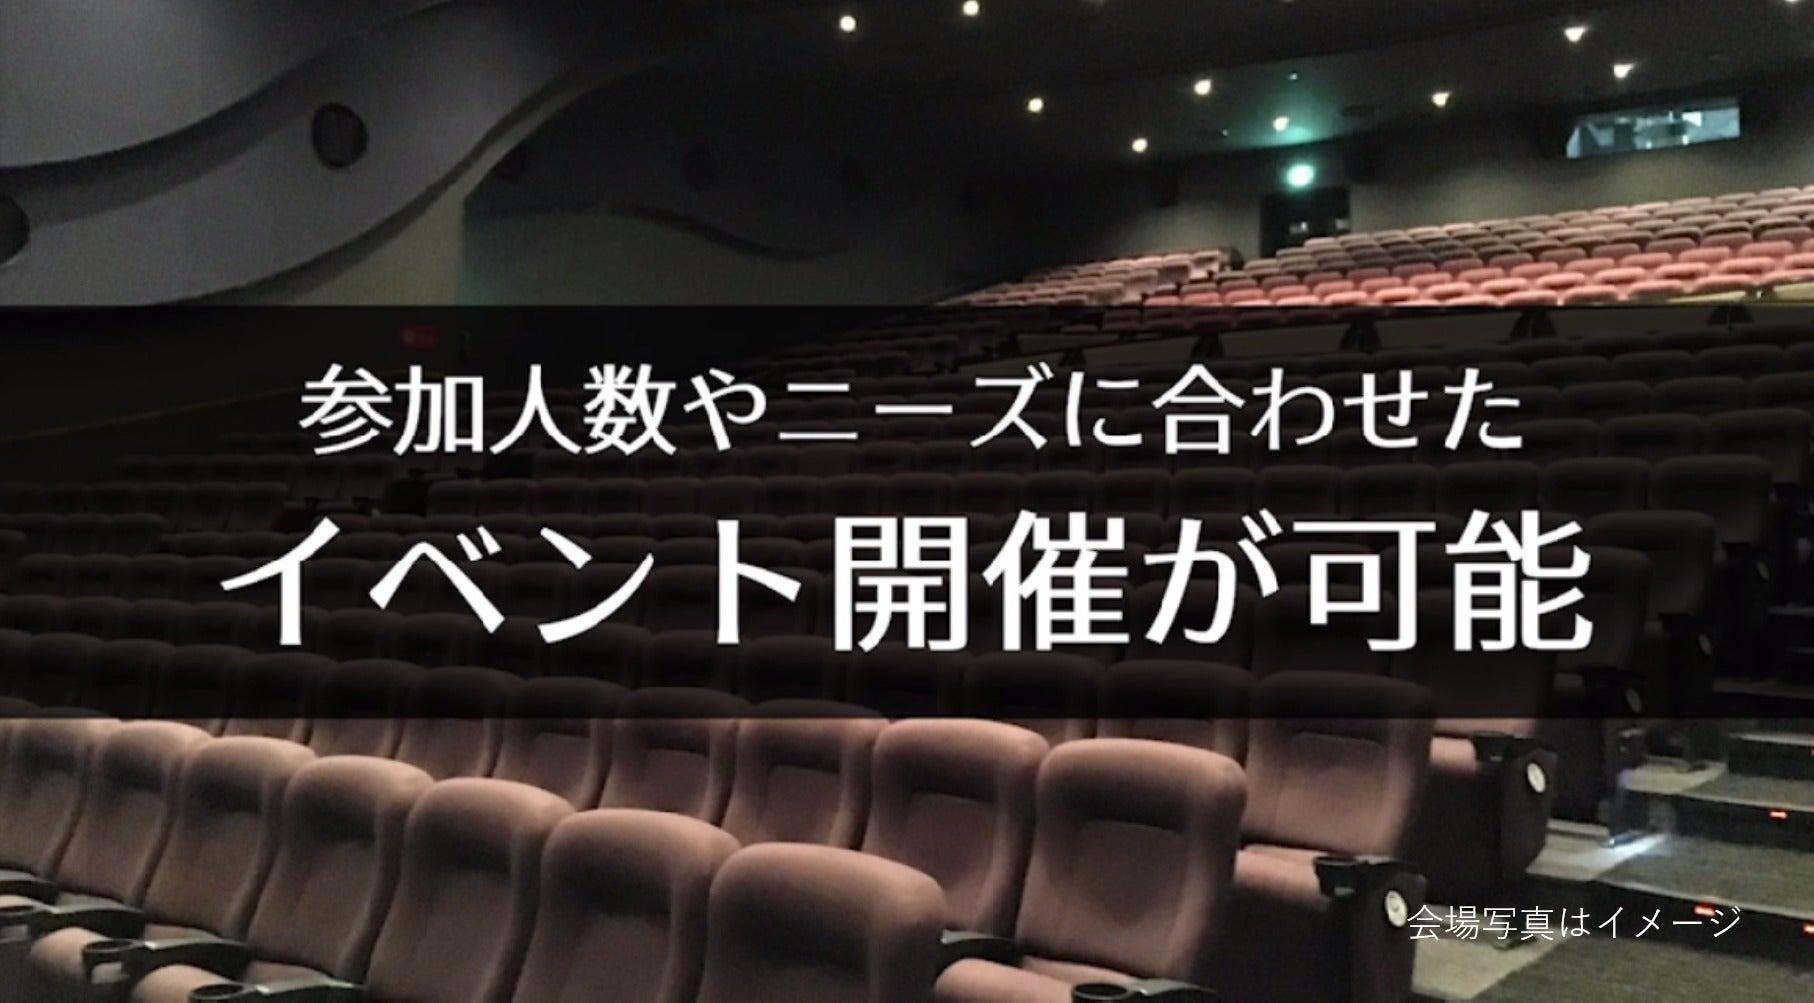 【大津 133席】映画館で、会社説明会、株主総会、講演会の企画はいかがですか?